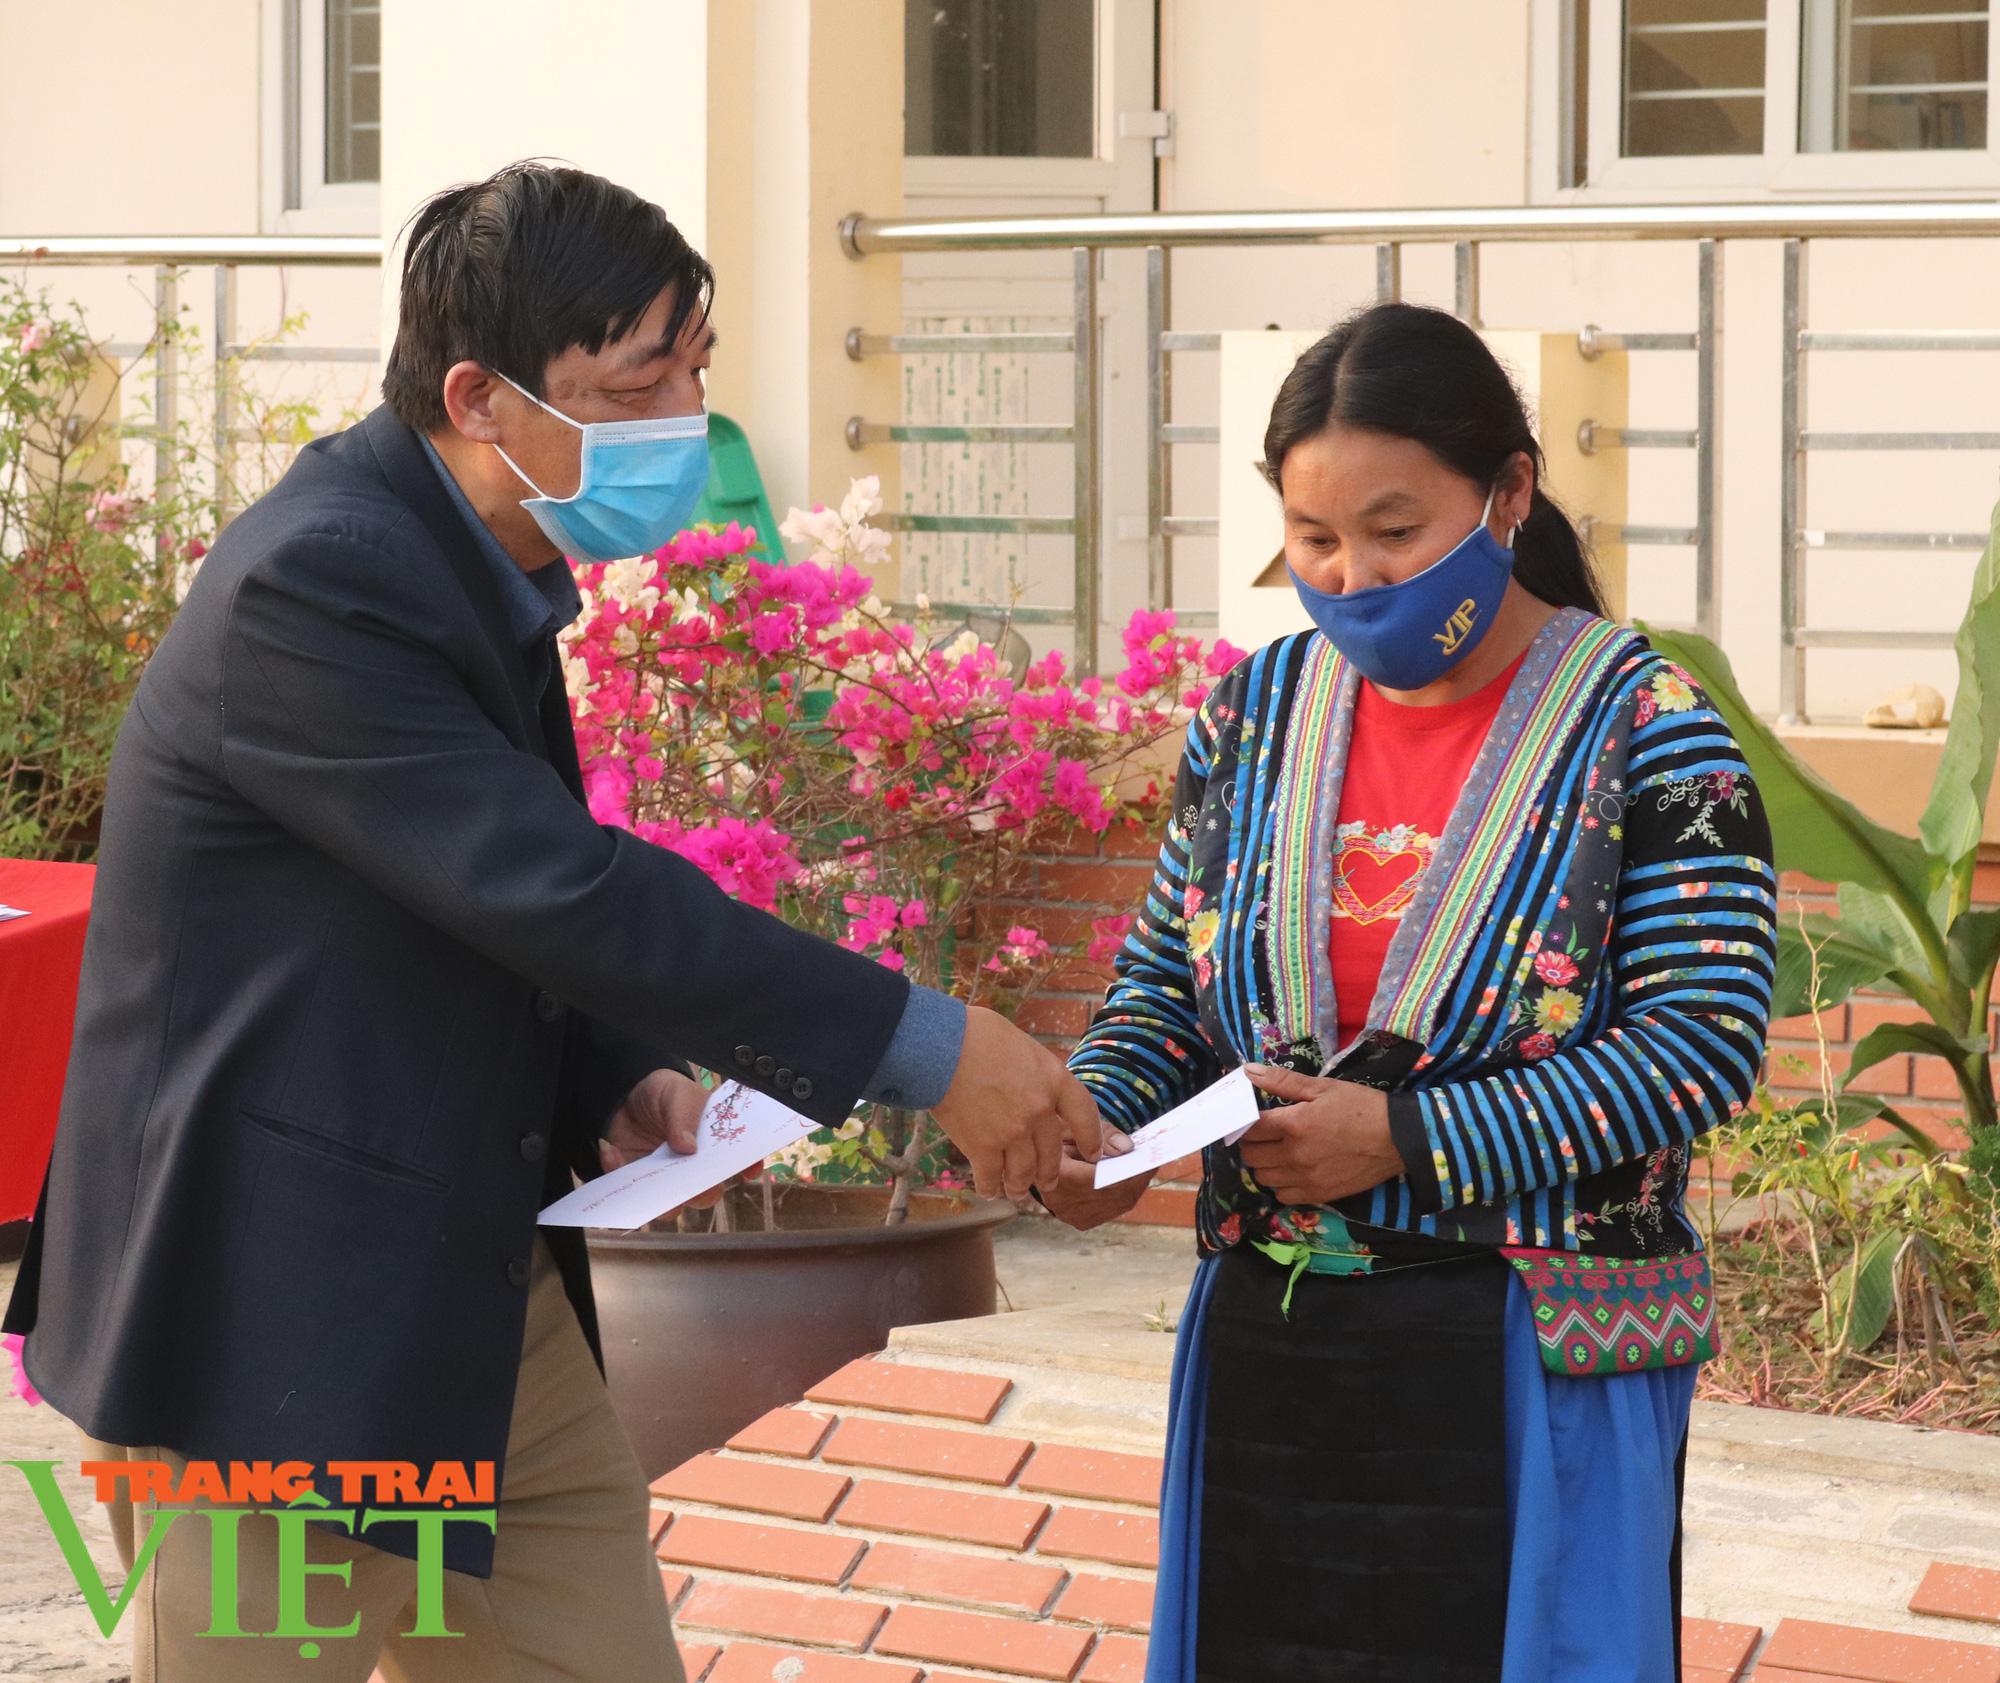 Báo NTNN/Dân Việt/Trang Trại Việt chung tay lo tết với nông dân nghèo Sơn La  - Ảnh 3.